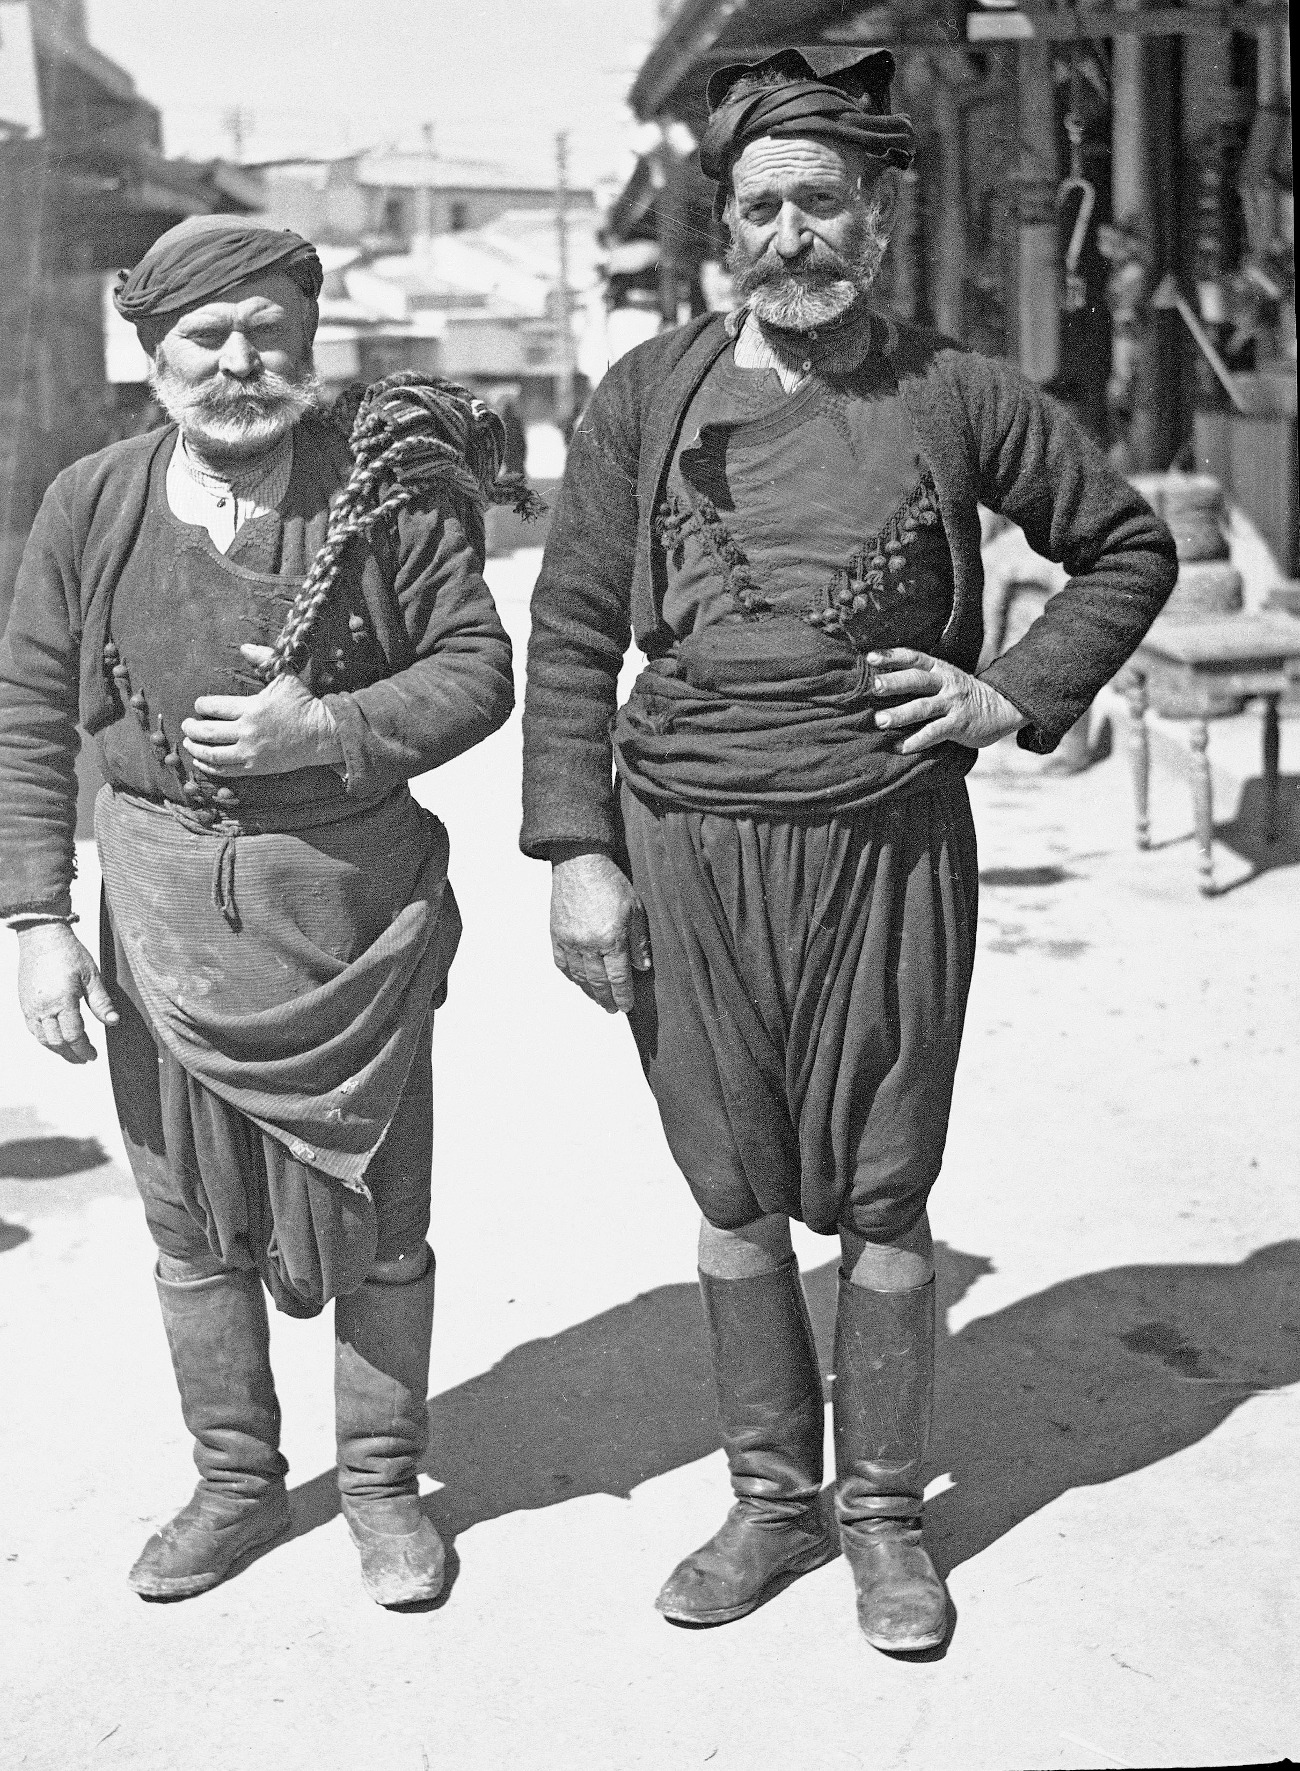 δυο κρητικοι το 1940